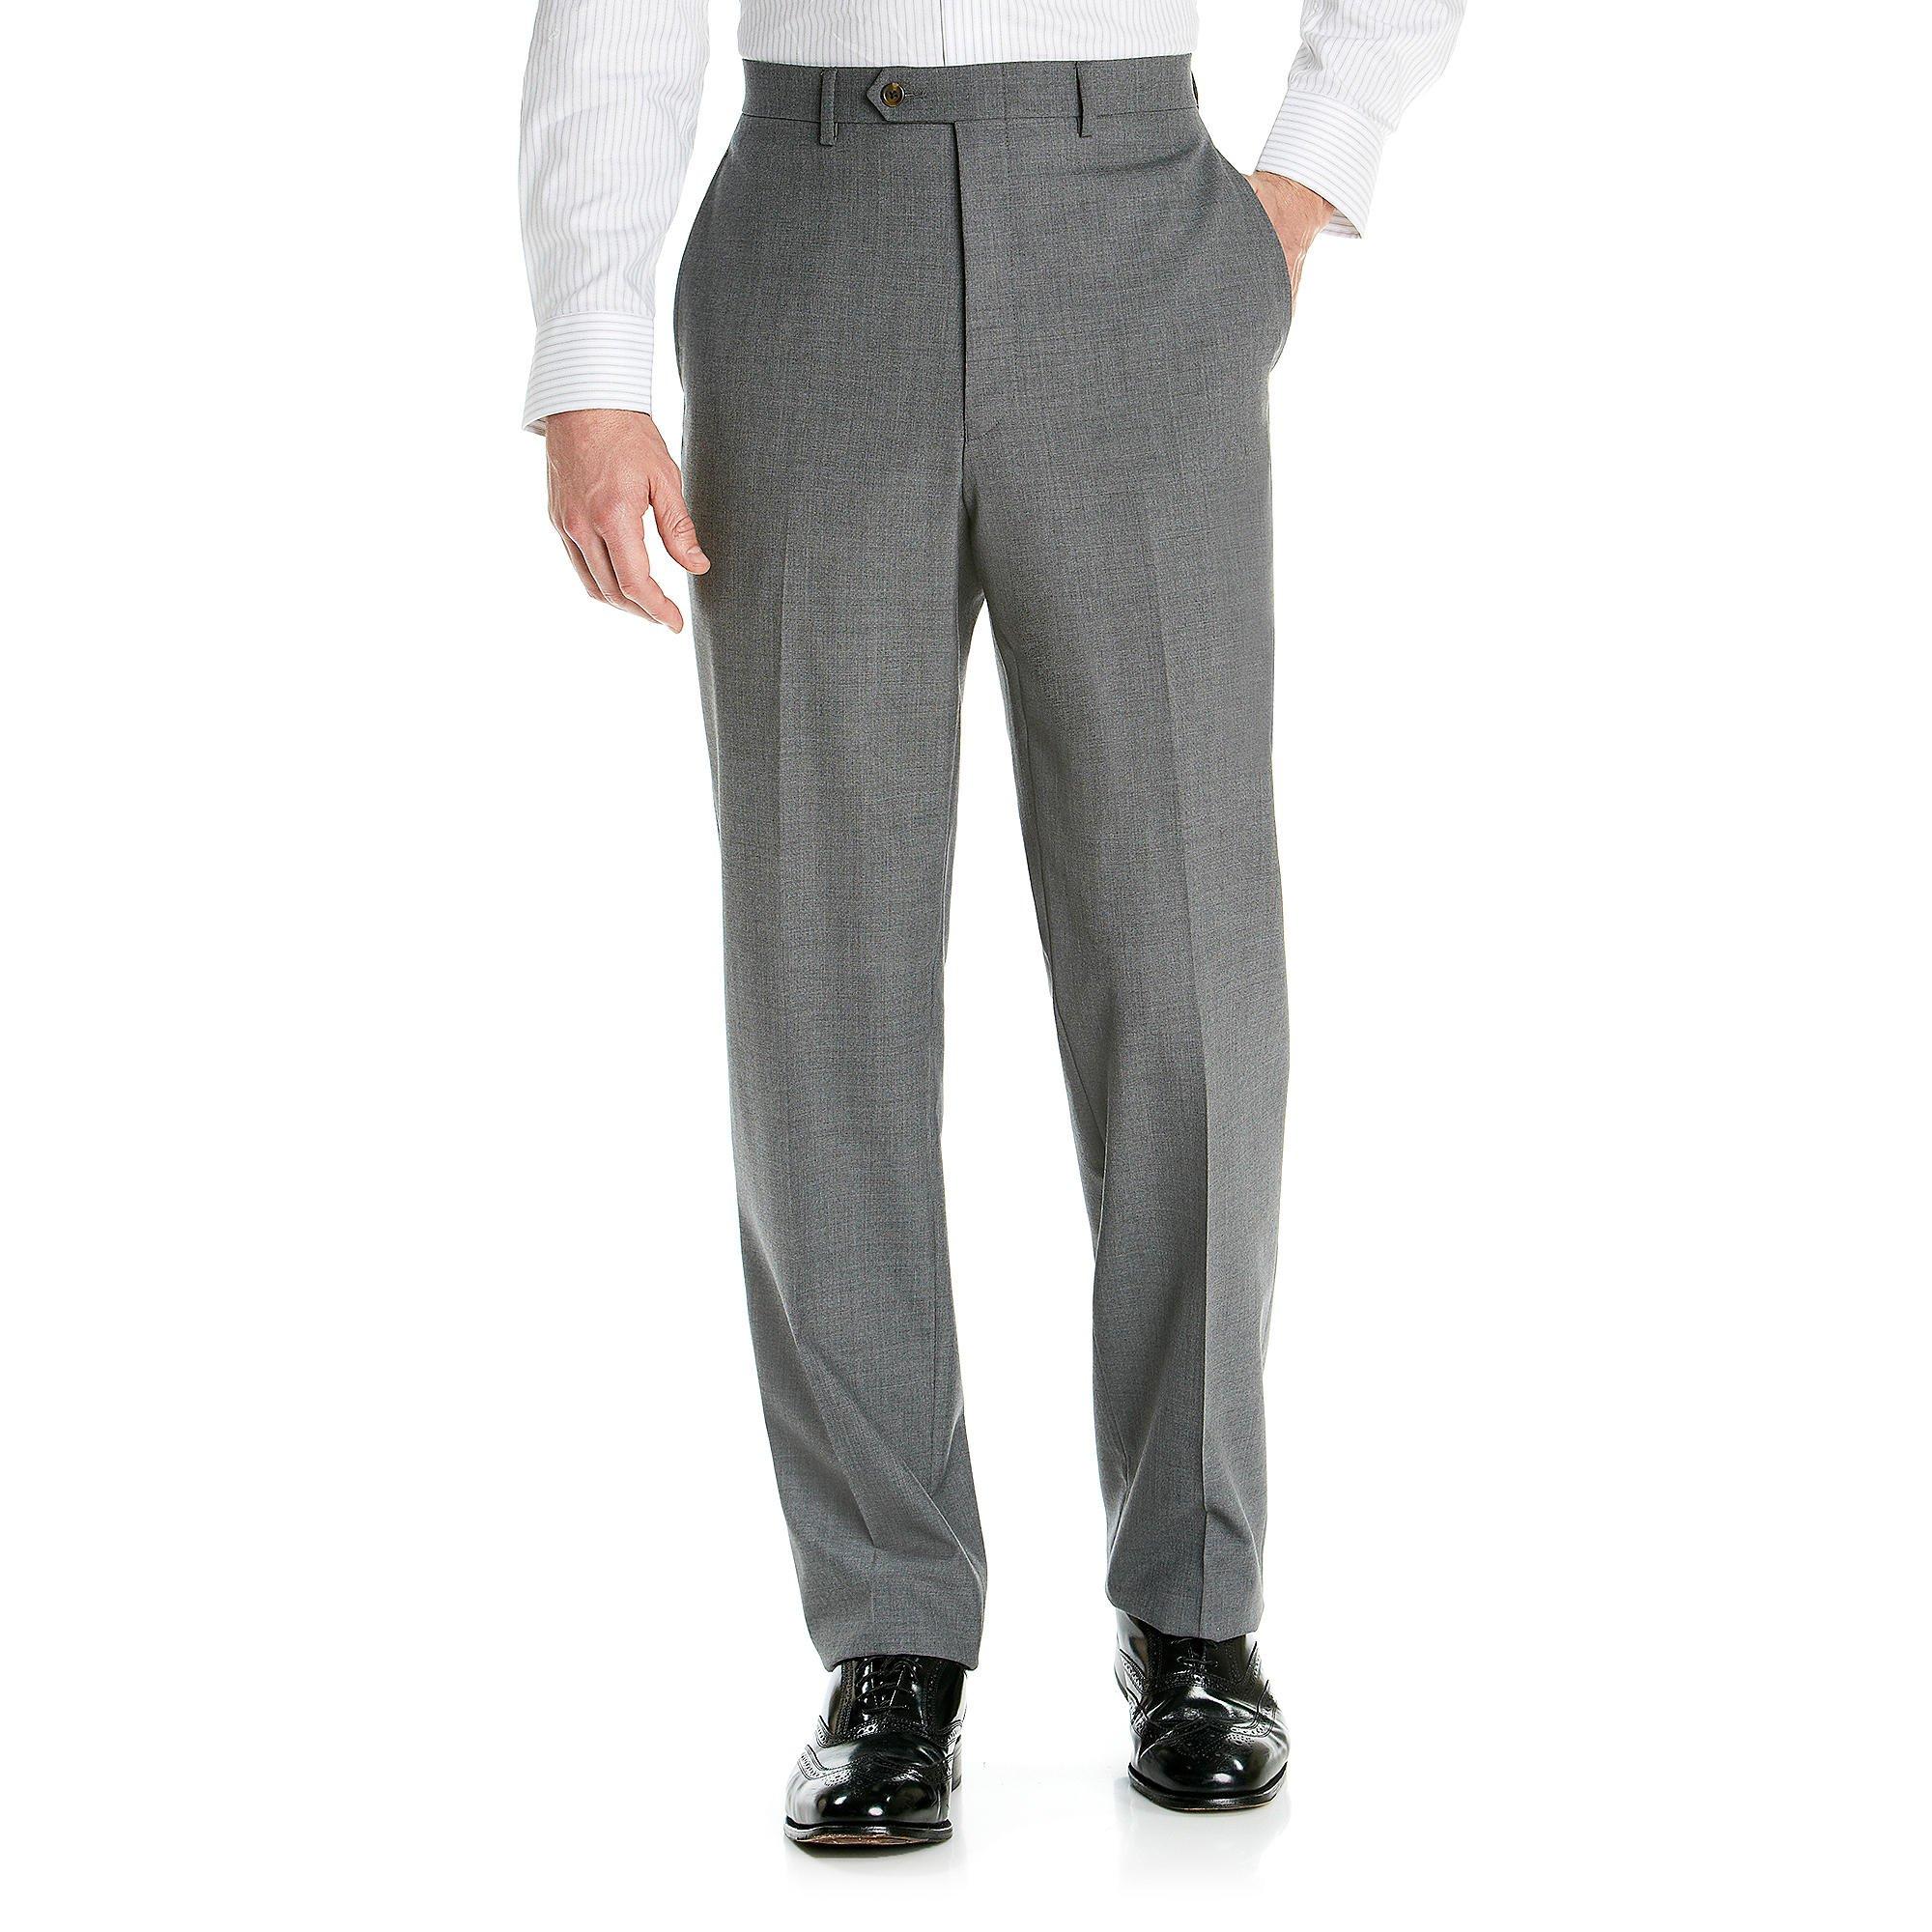 Lauren Ralph Lauren Men's Flat Front Total Comfort Slim Fit Pants (32x32, Black)